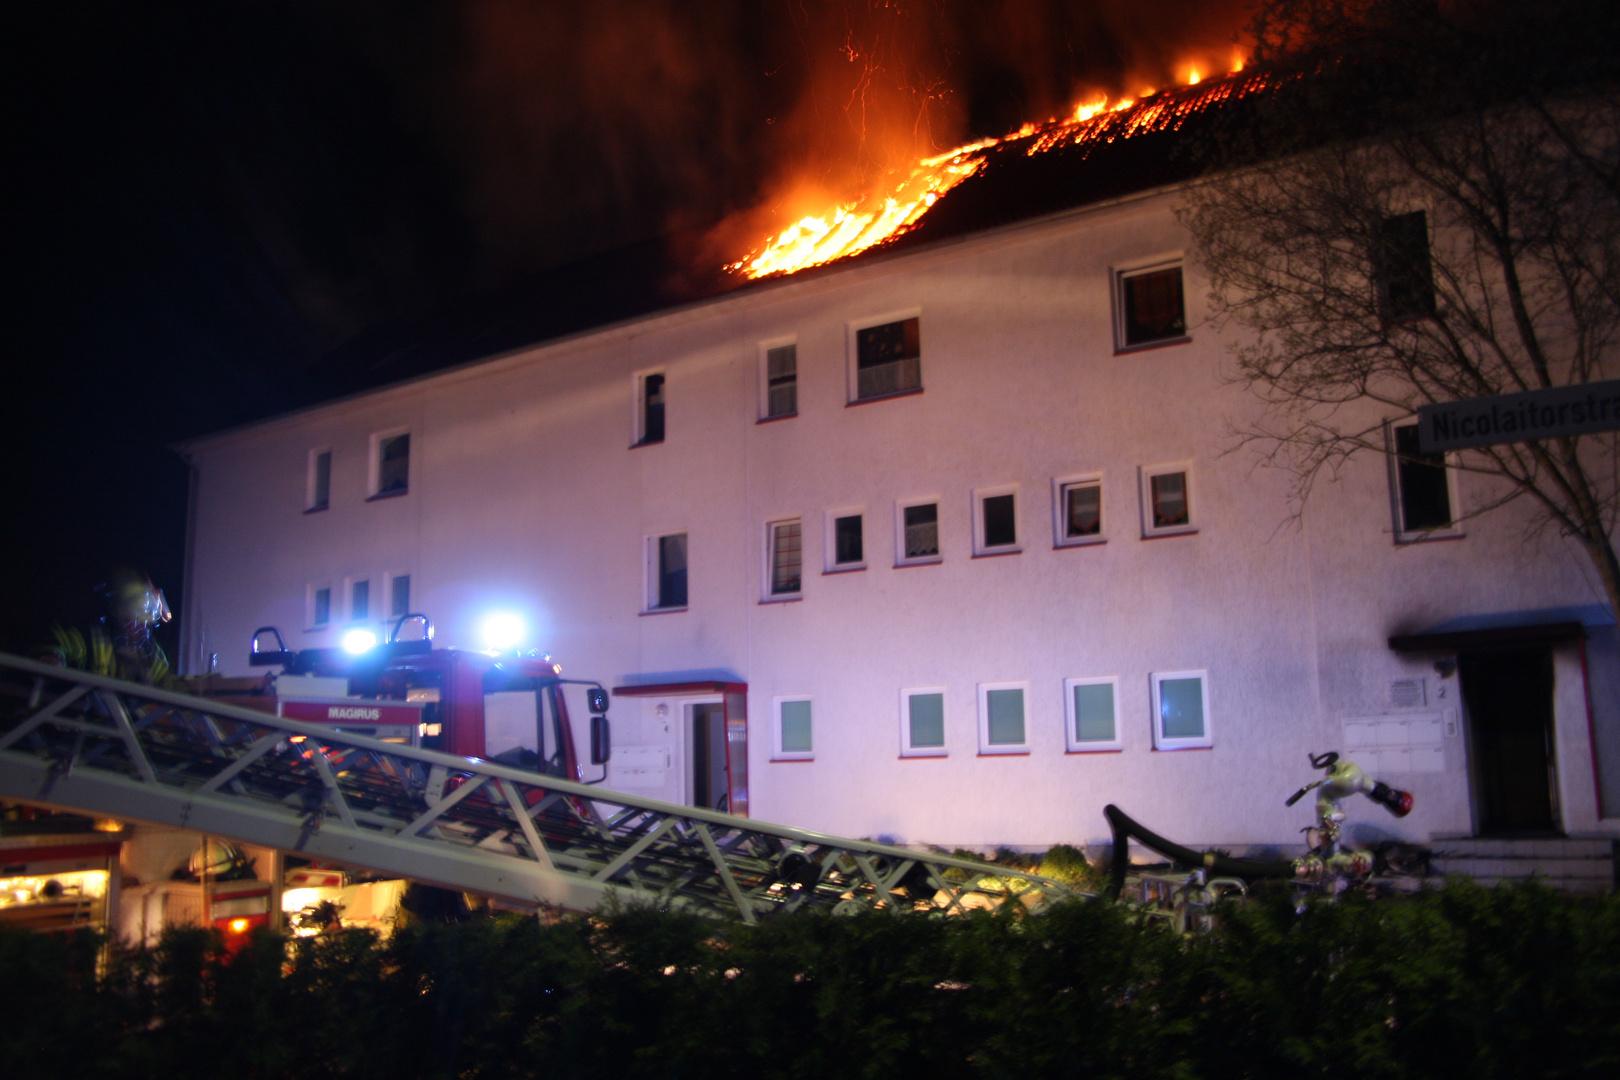 Dachstuhlbrand nach Brandstiftung